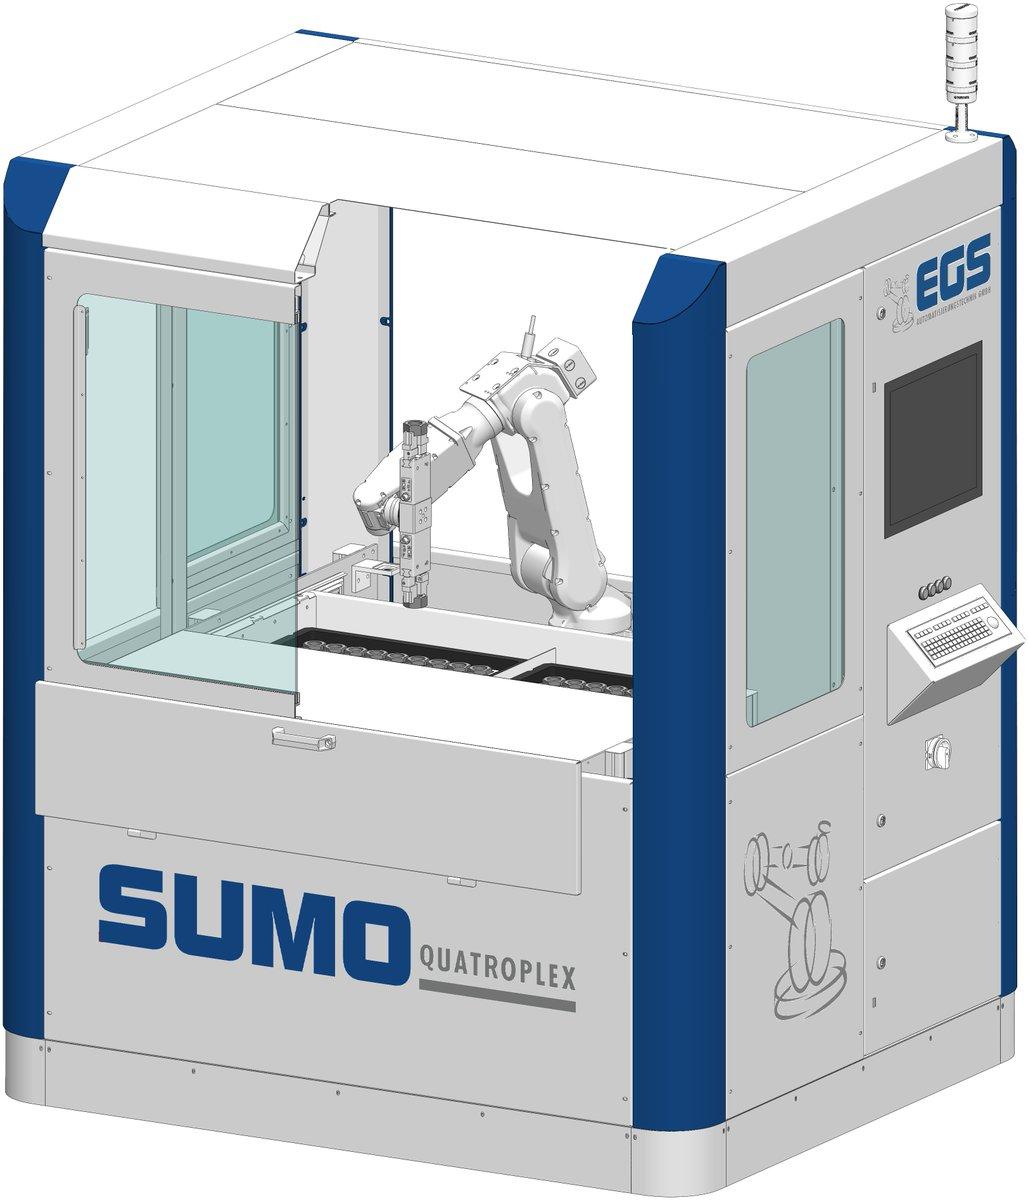 SUMO Quatroplex: #KOMPAKT, #ROBUST, #PROFITABEL  - Der platzsparende Einstieg in die #Automation: http://www.egsautomatisierung.de/produkte/sumo-standard-automation/sumo-quatroplex/…